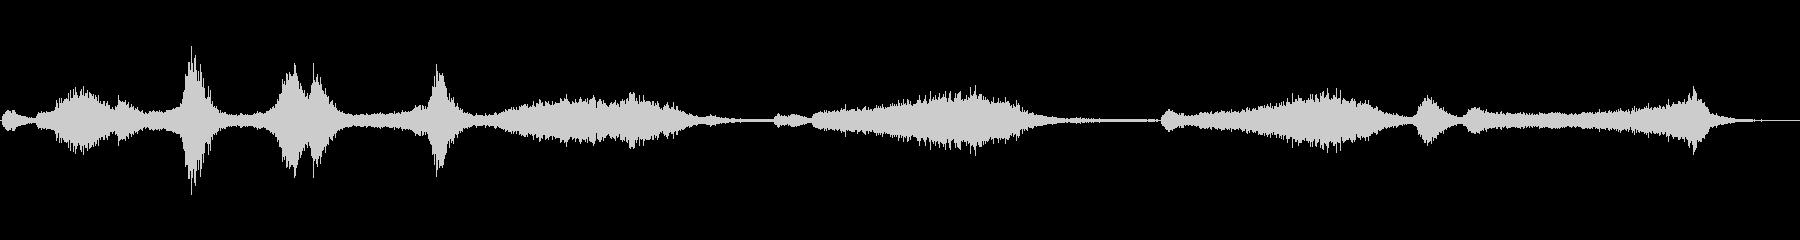 メタルスクラップメタルフォーリー;...の未再生の波形